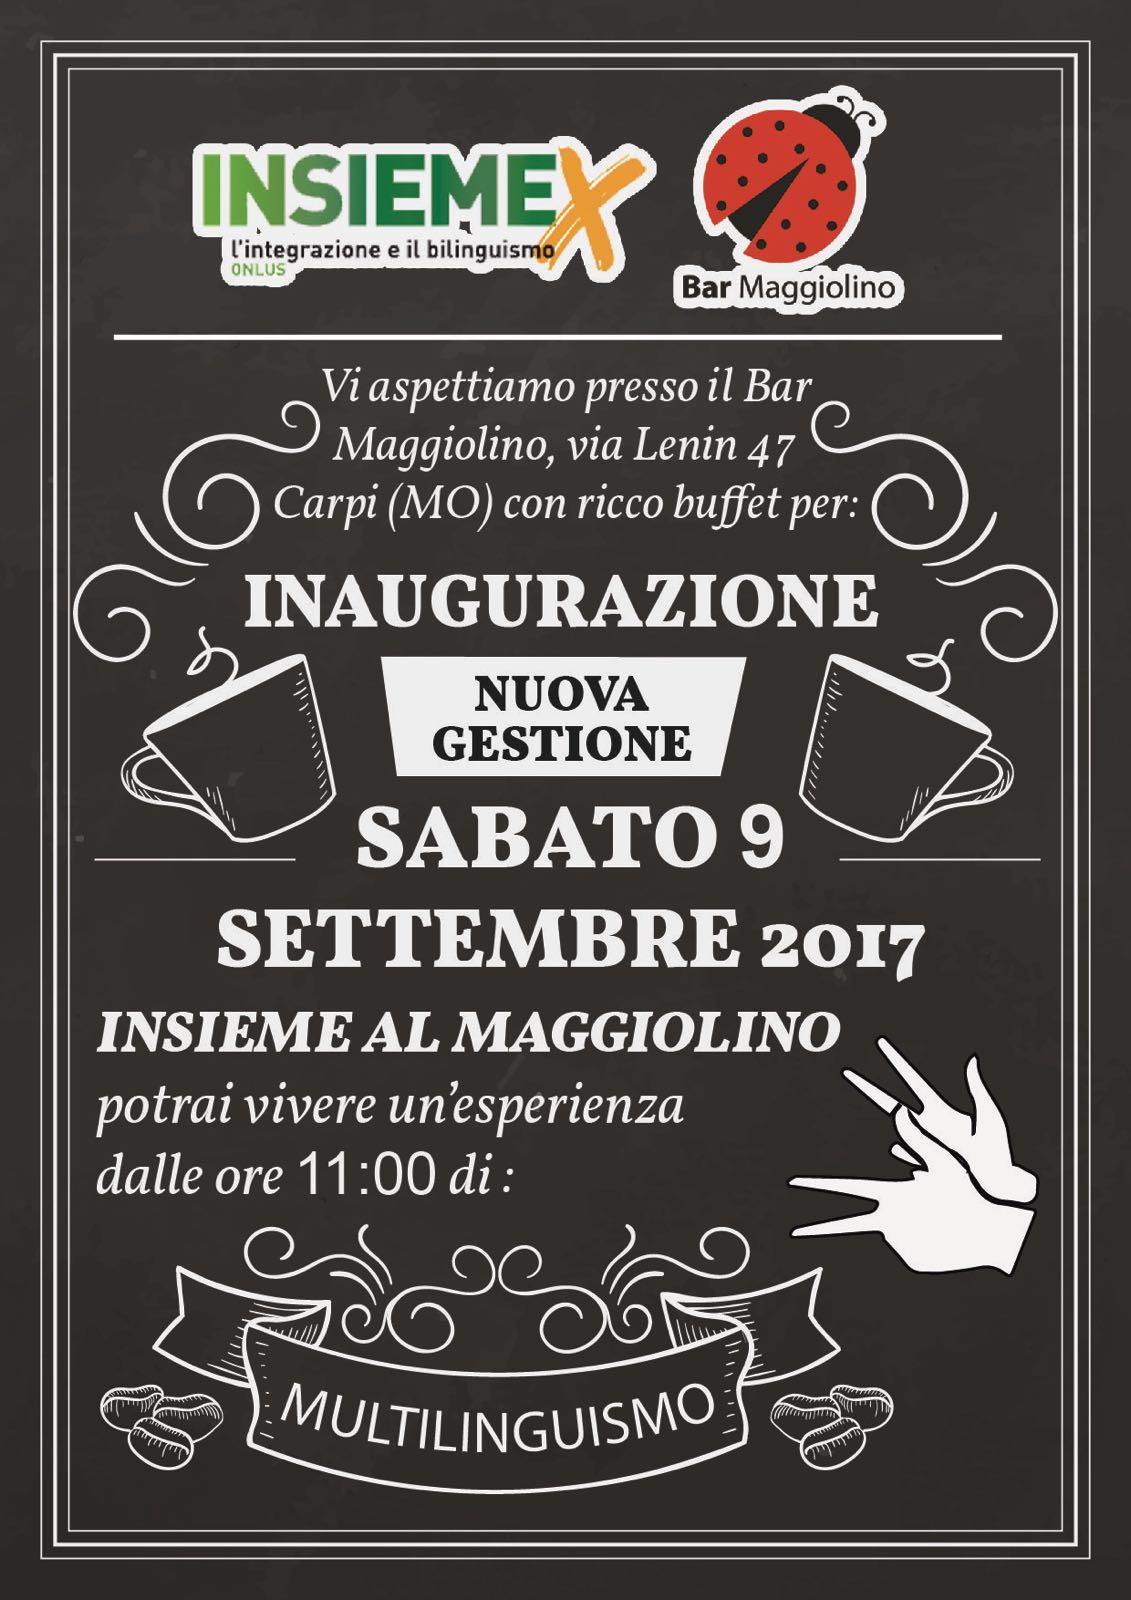 Inaugurazione 09.09.17